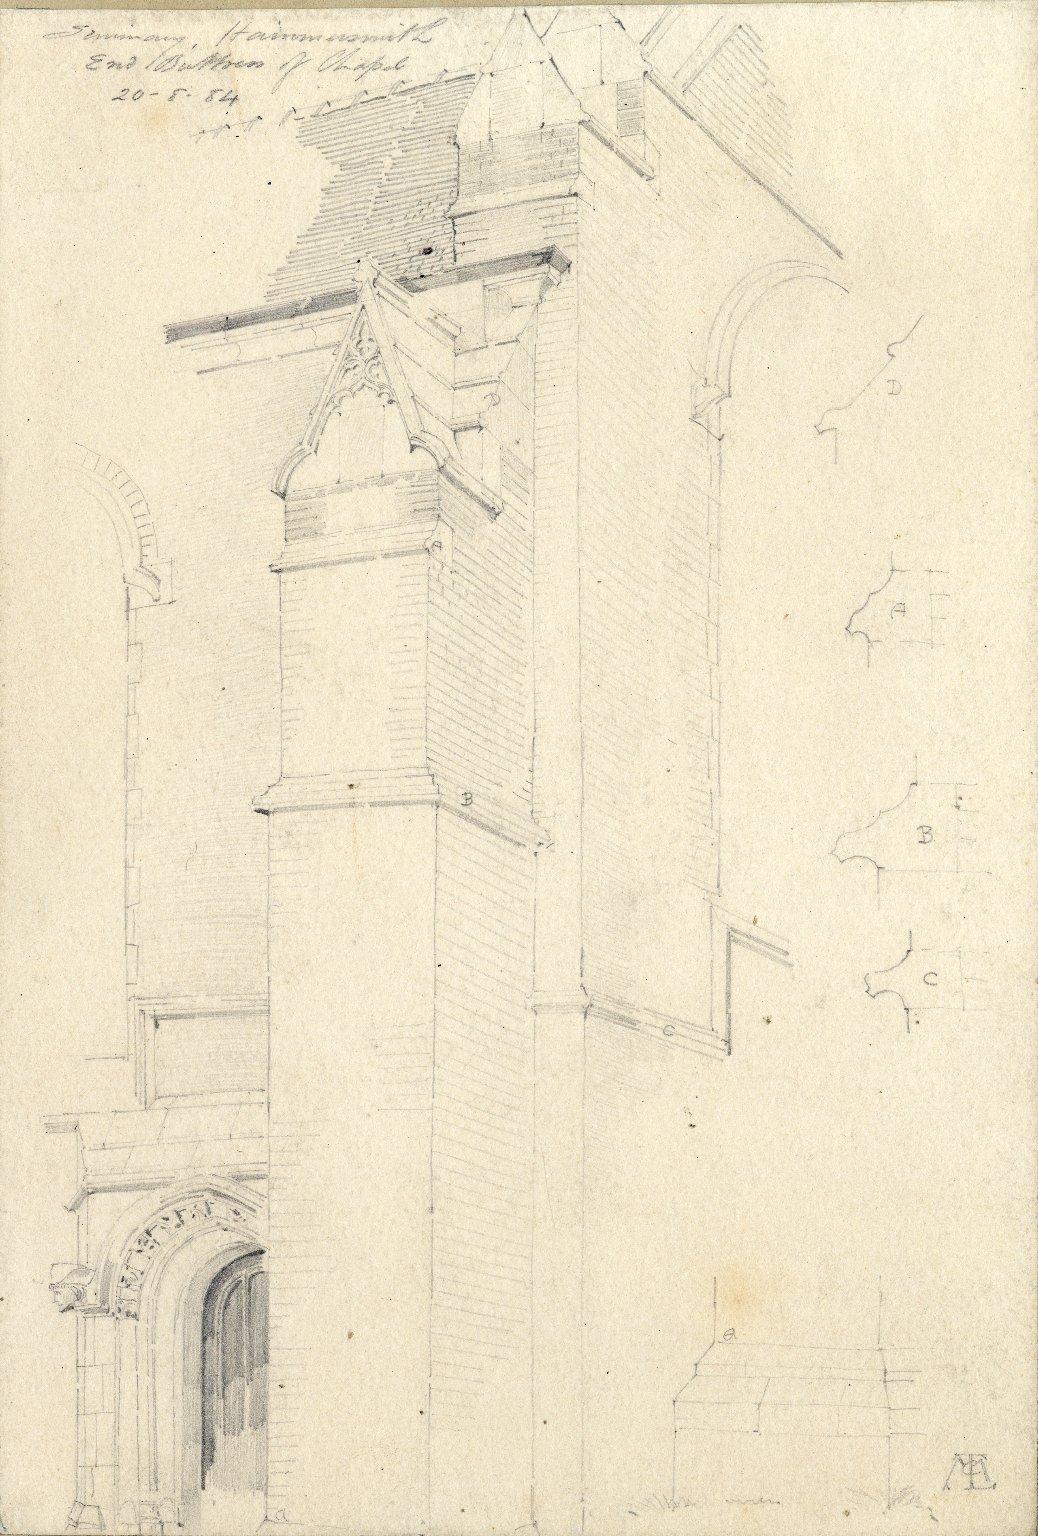 Detail of chapel at Hammersmith seminary